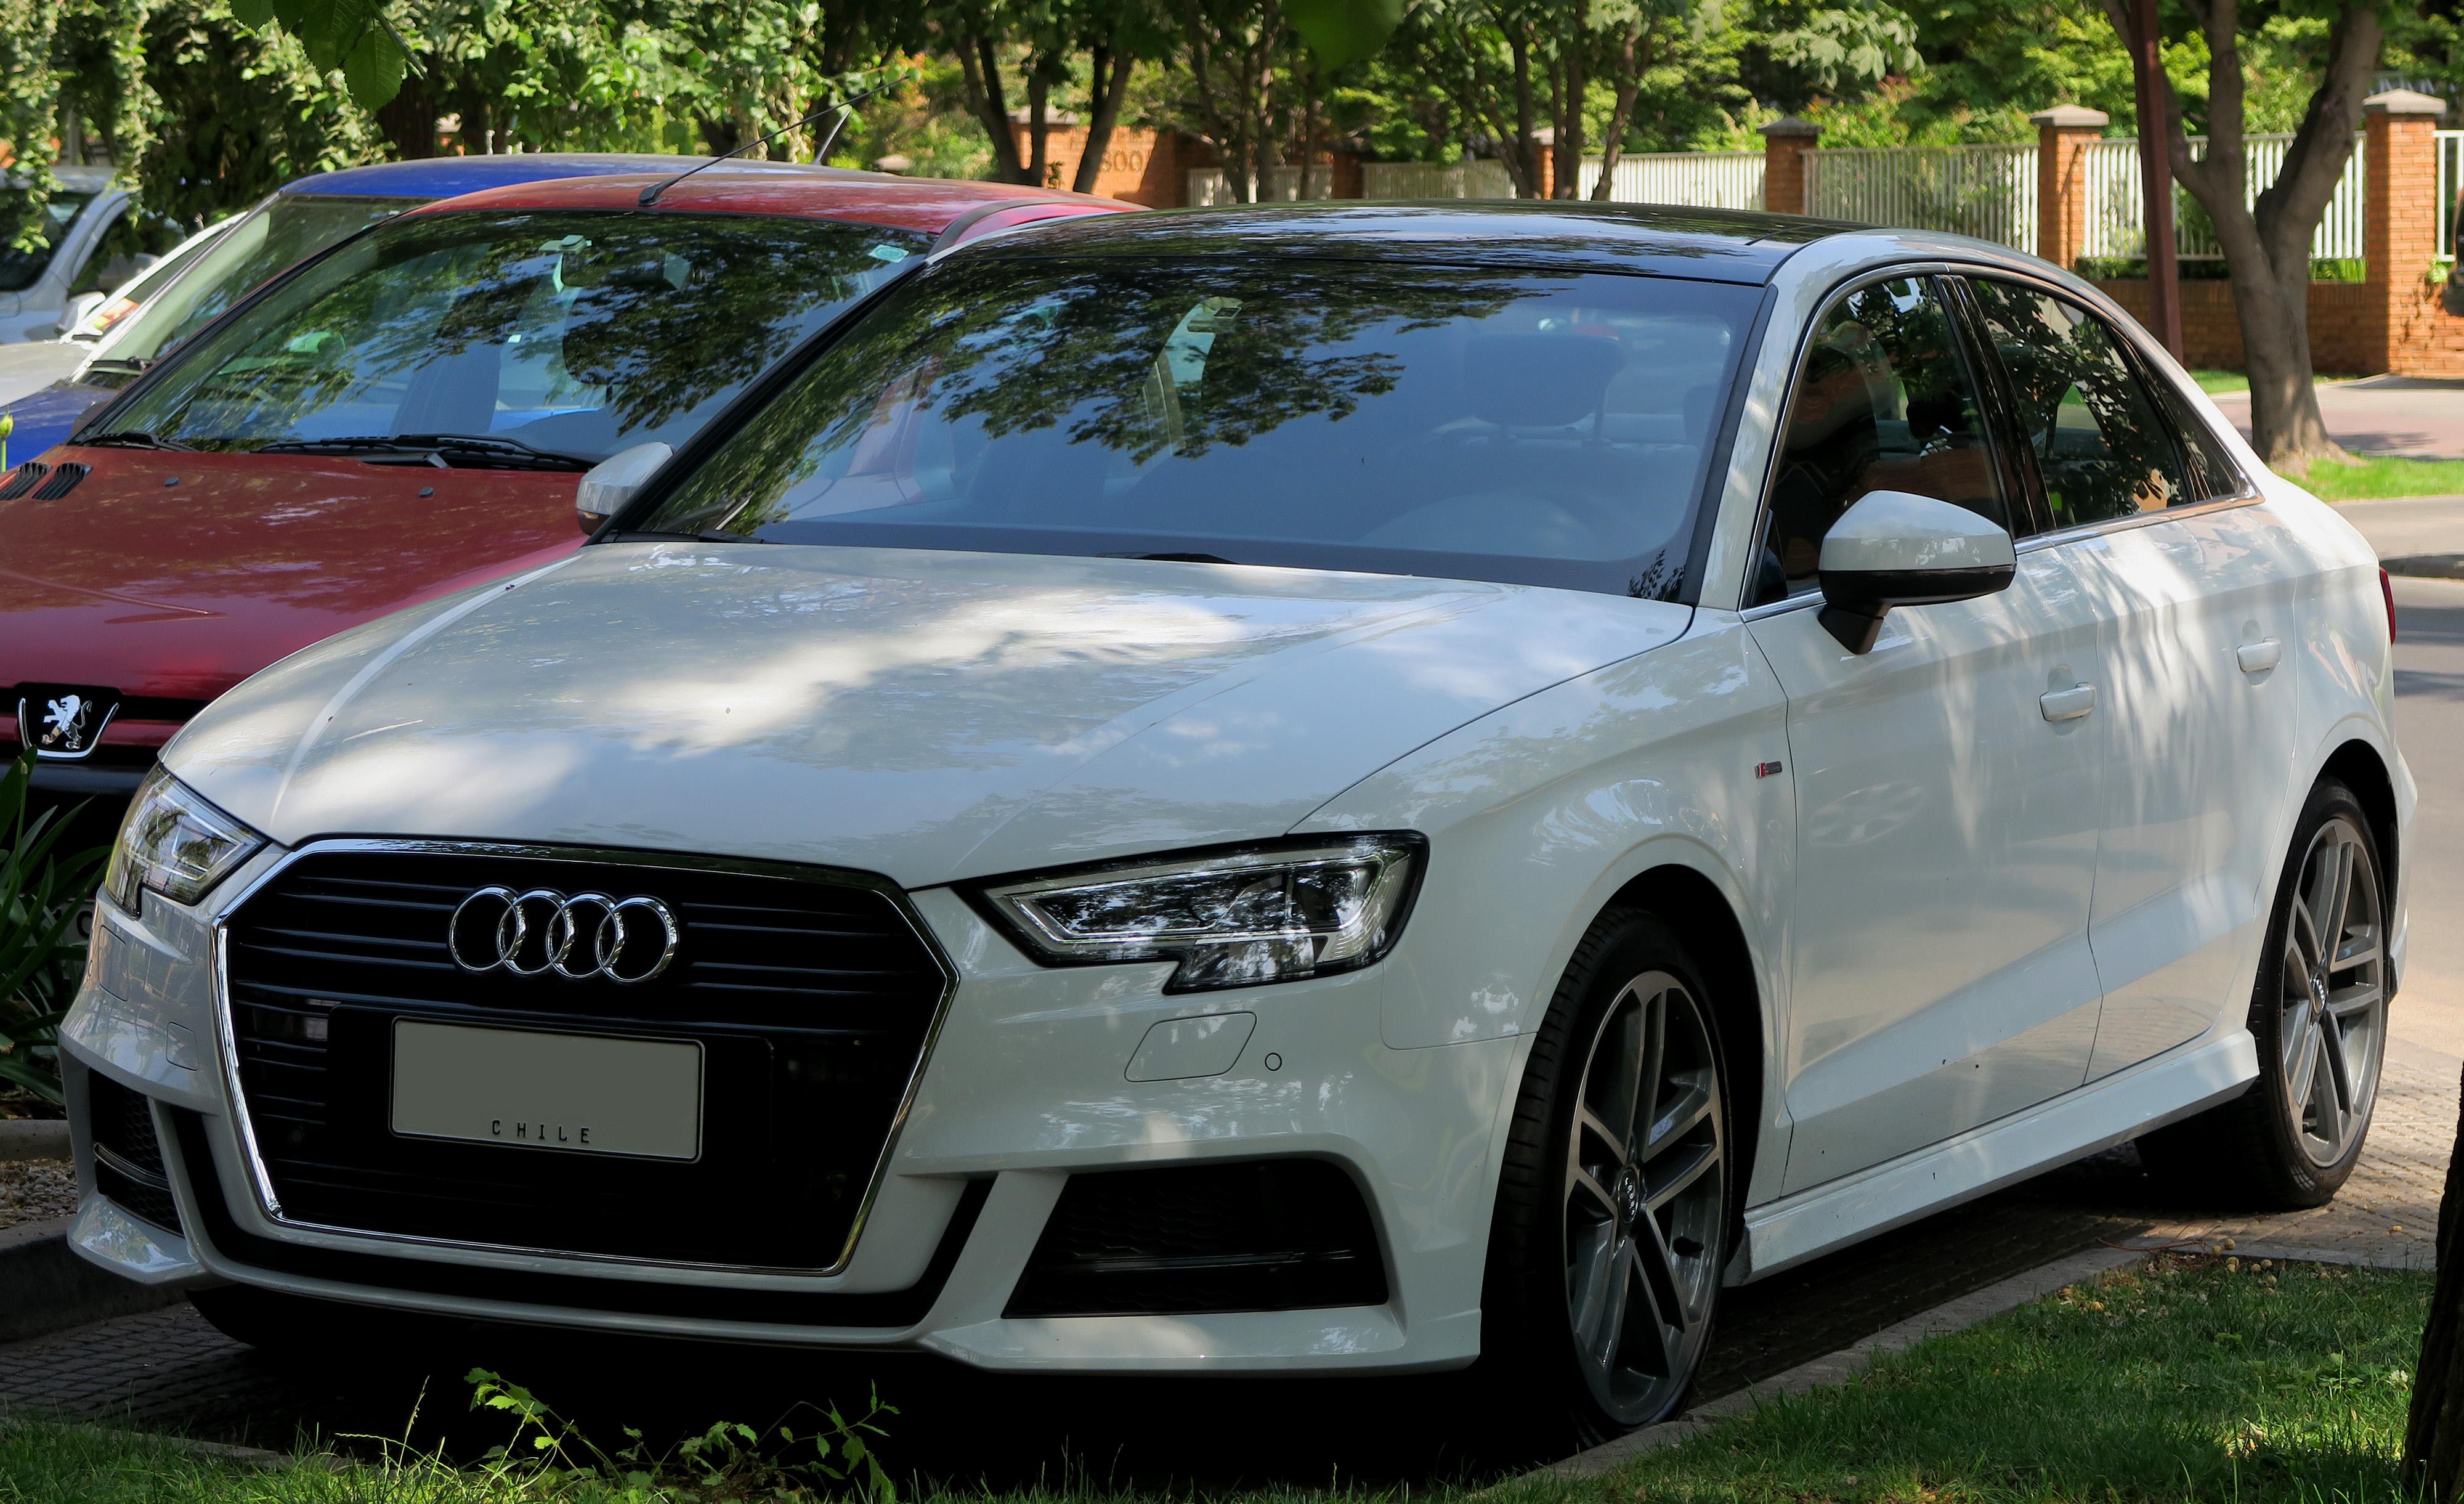 Kelebihan Kekurangan Audi A3 Sedan 2018 Spesifikasi